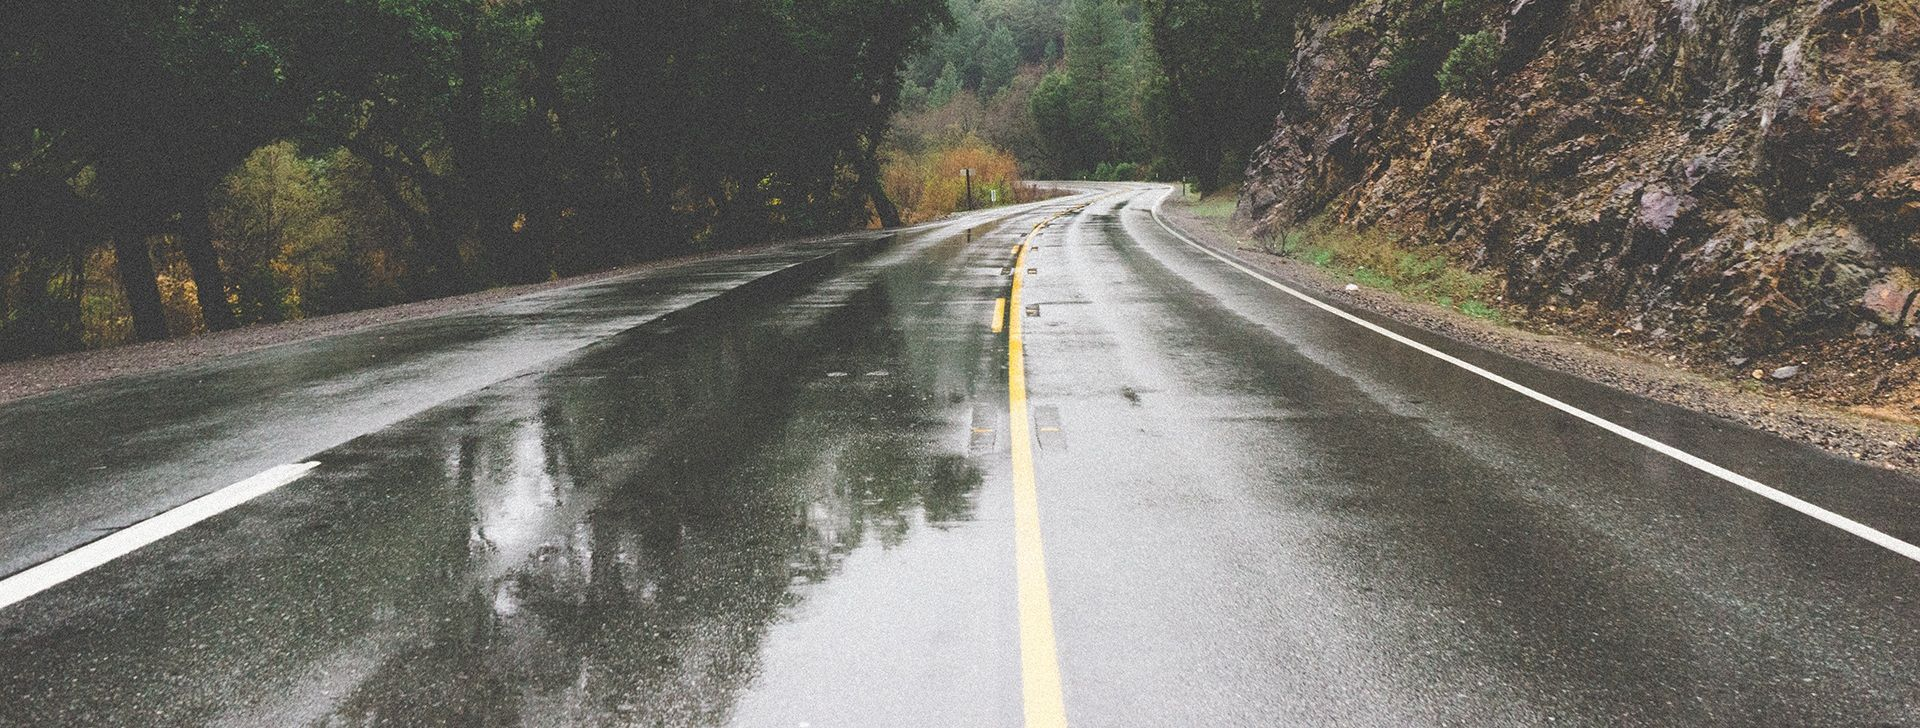 VOZAČI, OPREZ! Ceste su mokre i skliske